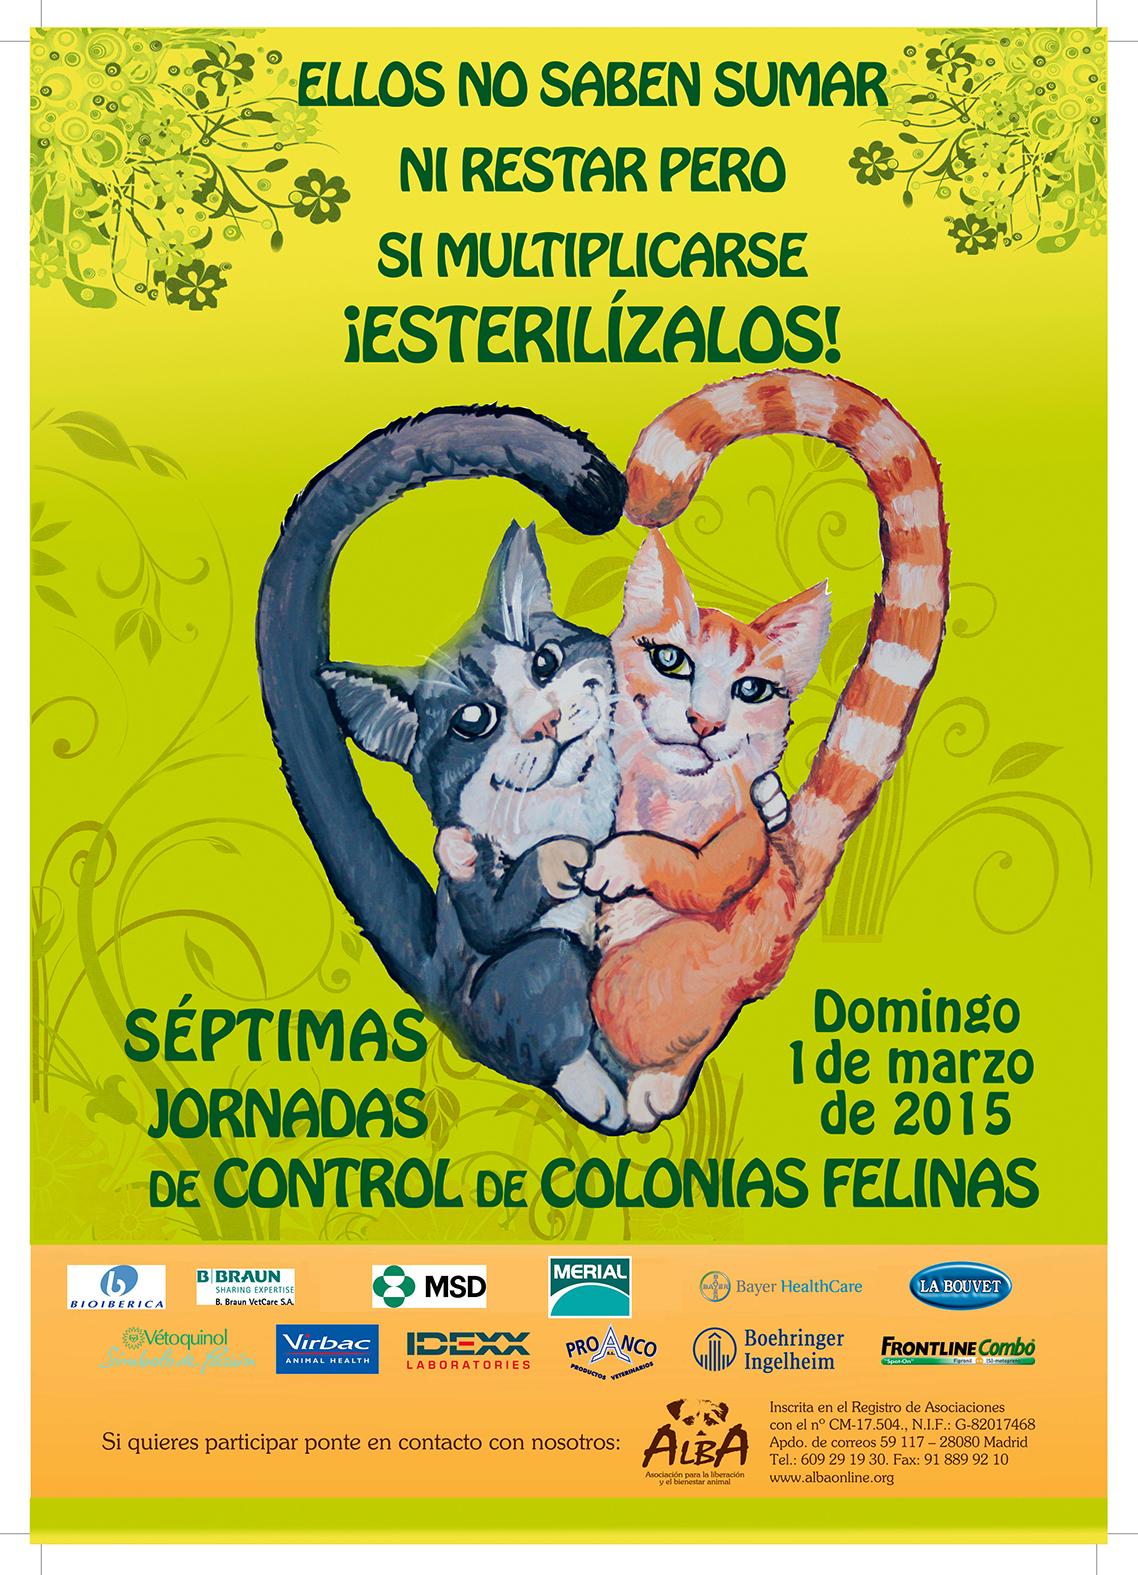 VII Jornadas de Castración felina enALBA